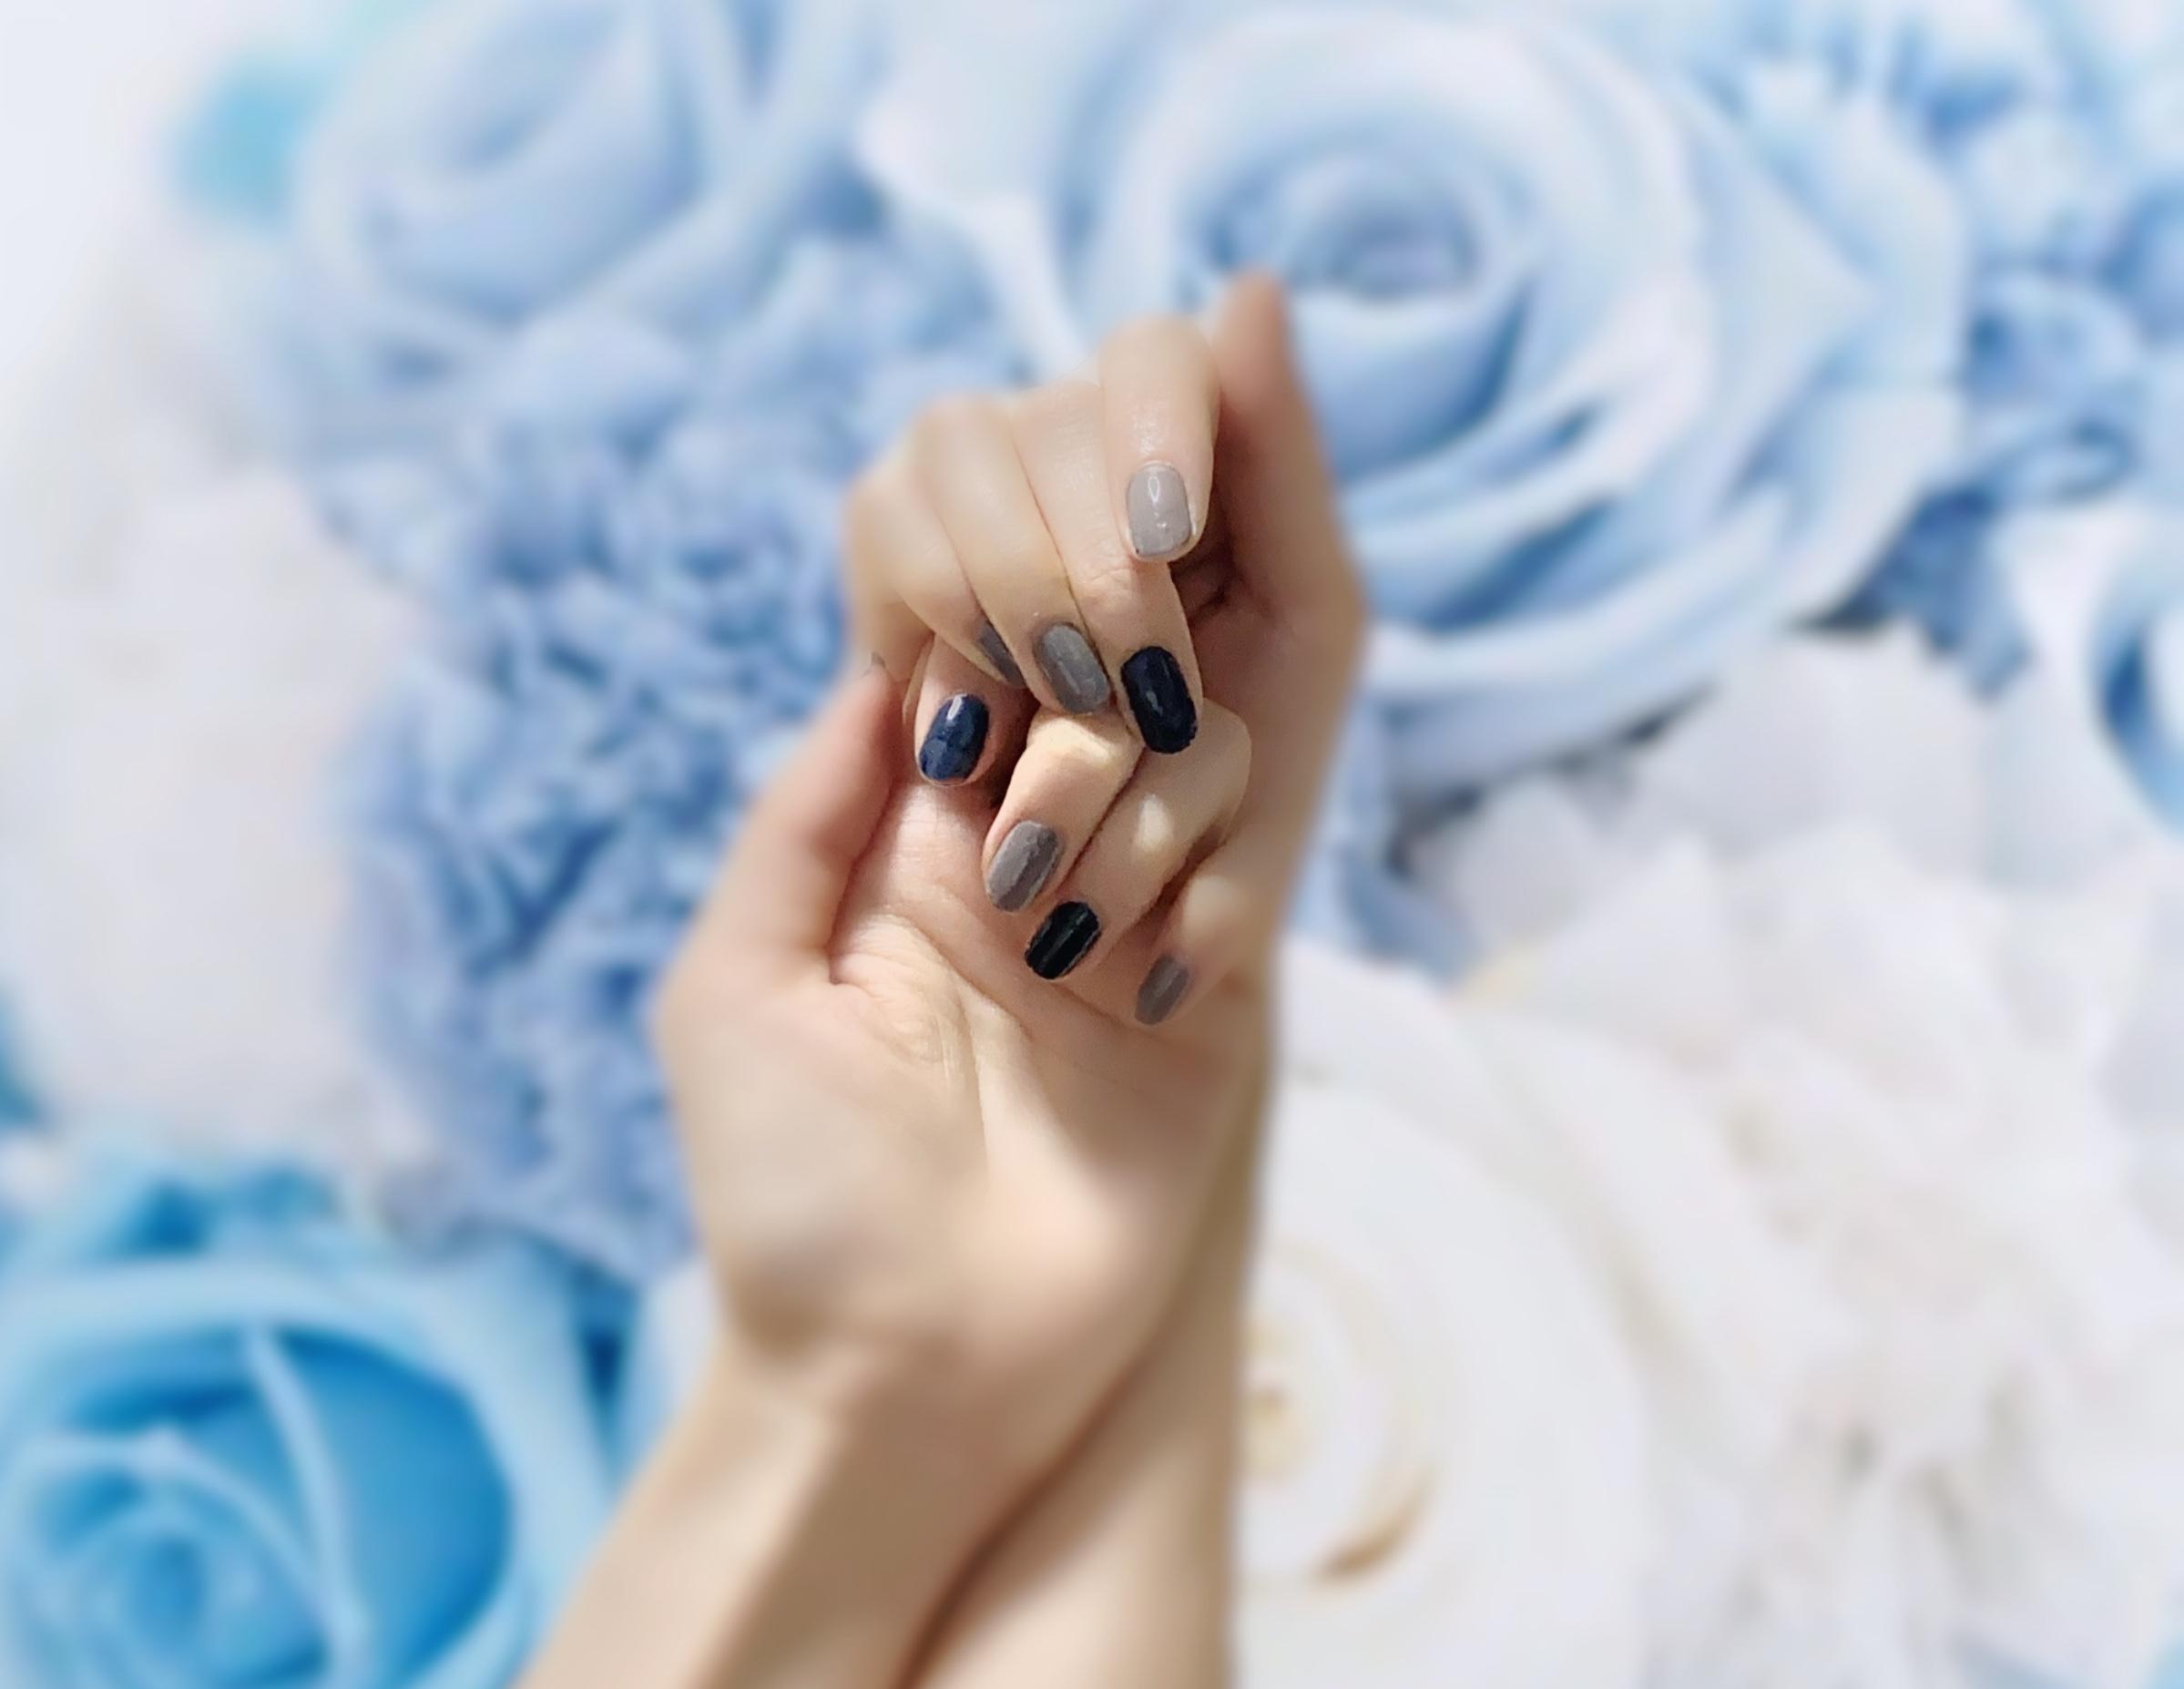 【数量限定】Dior Beauty ヴェルニ オトナな夏の限定カラー_2